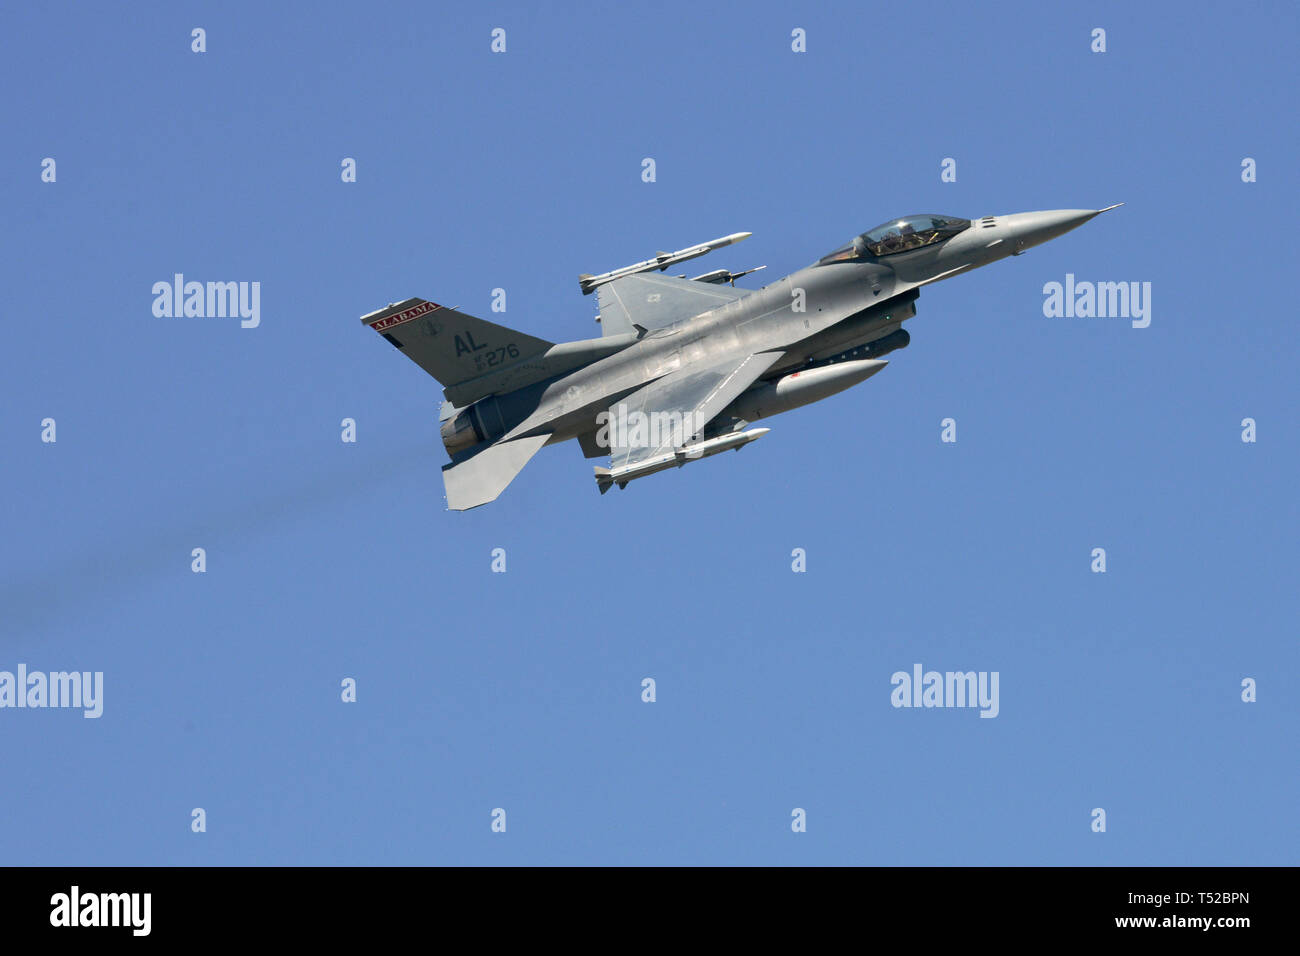 Alabama Air National Guard Stock Photos & Alabama Air